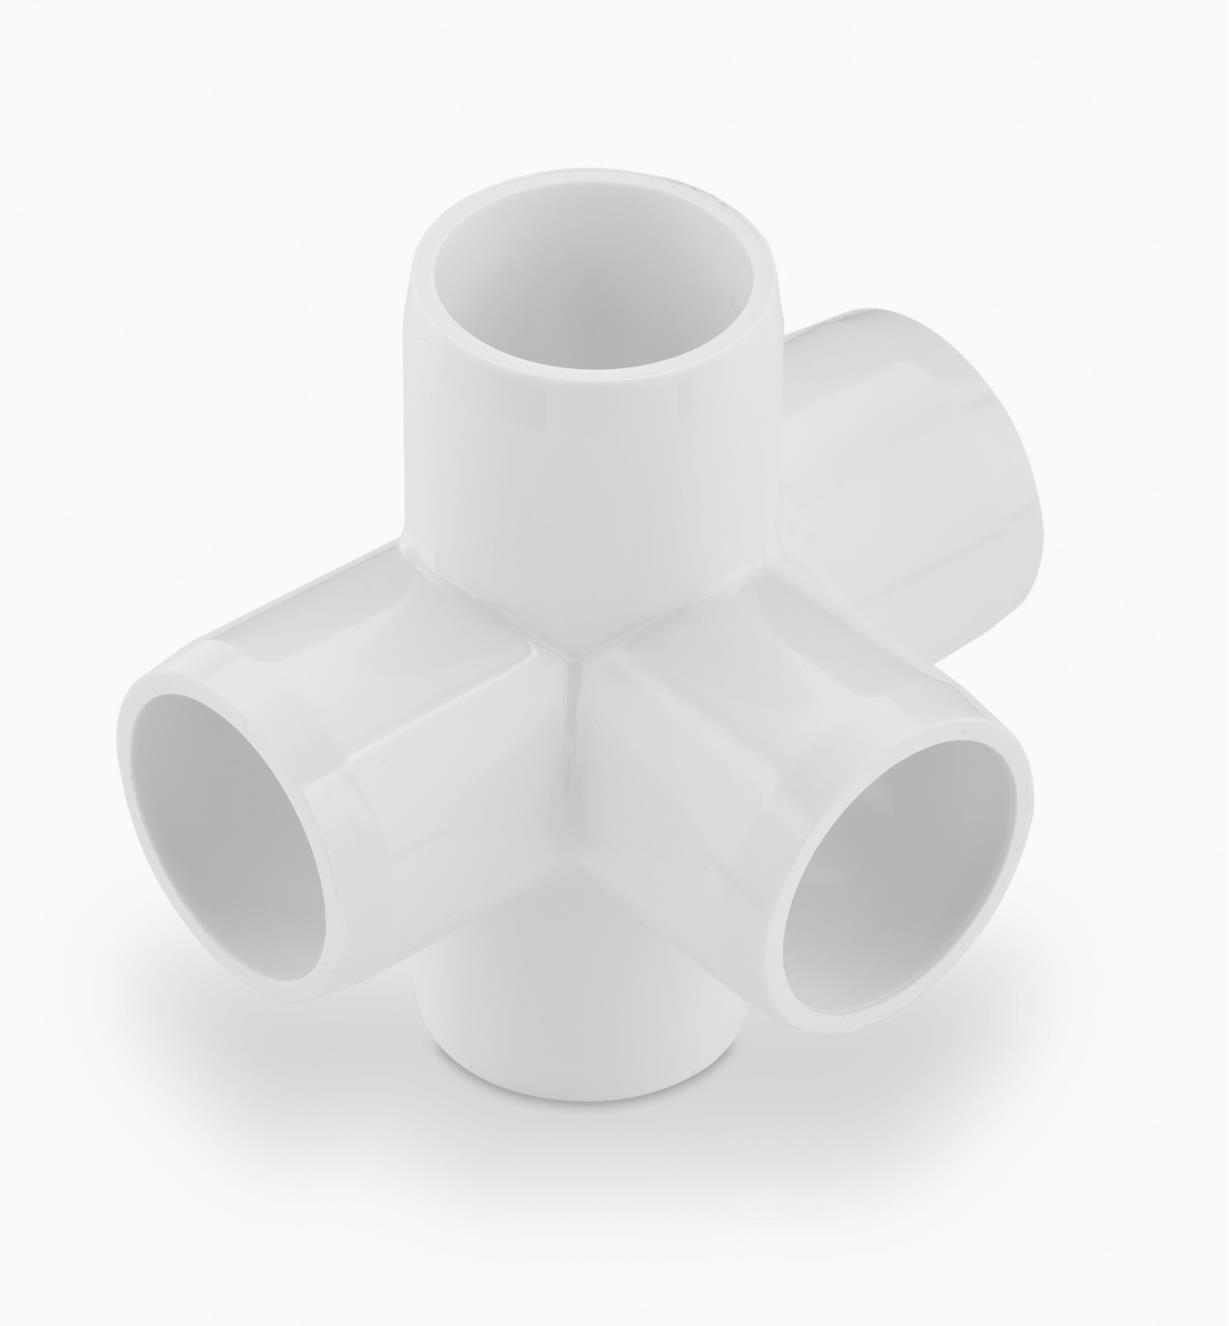 EA262 - Raccord coin en PVC à 5 embouts, 1/2 po, l'unité